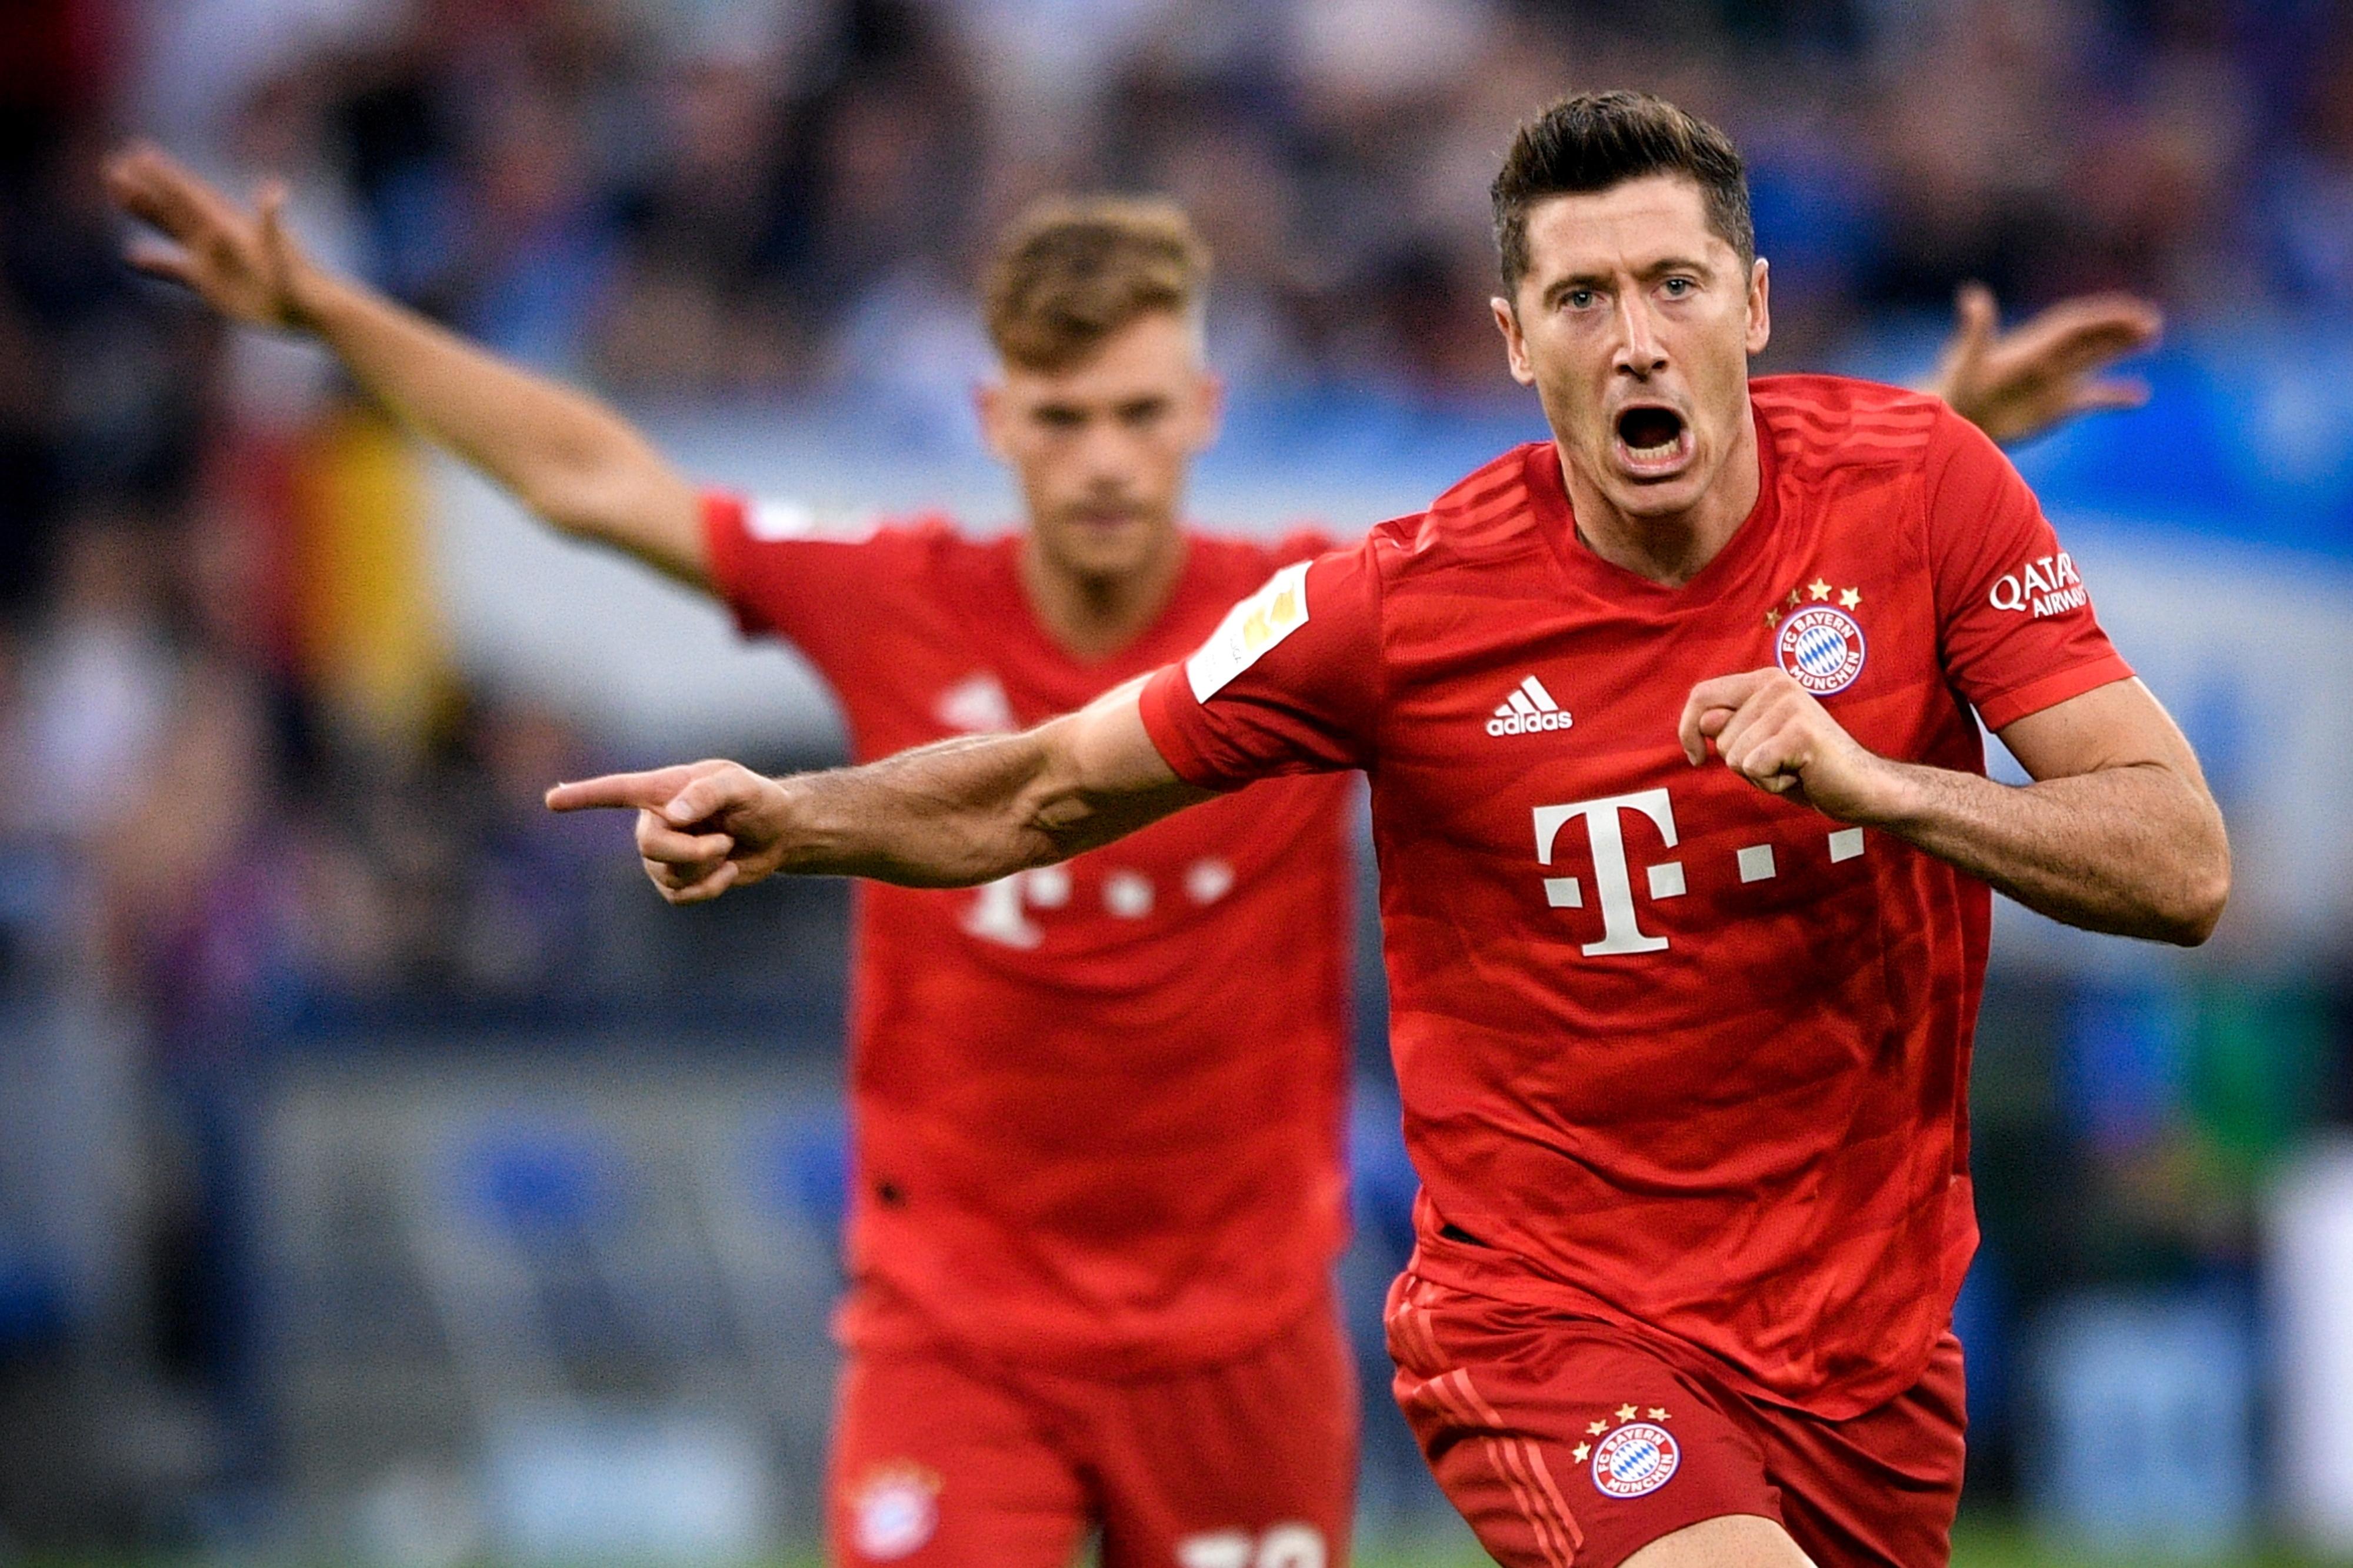 'Hat-trick' de Lewandowski dá primeira vitória ao Bayern no campeonato